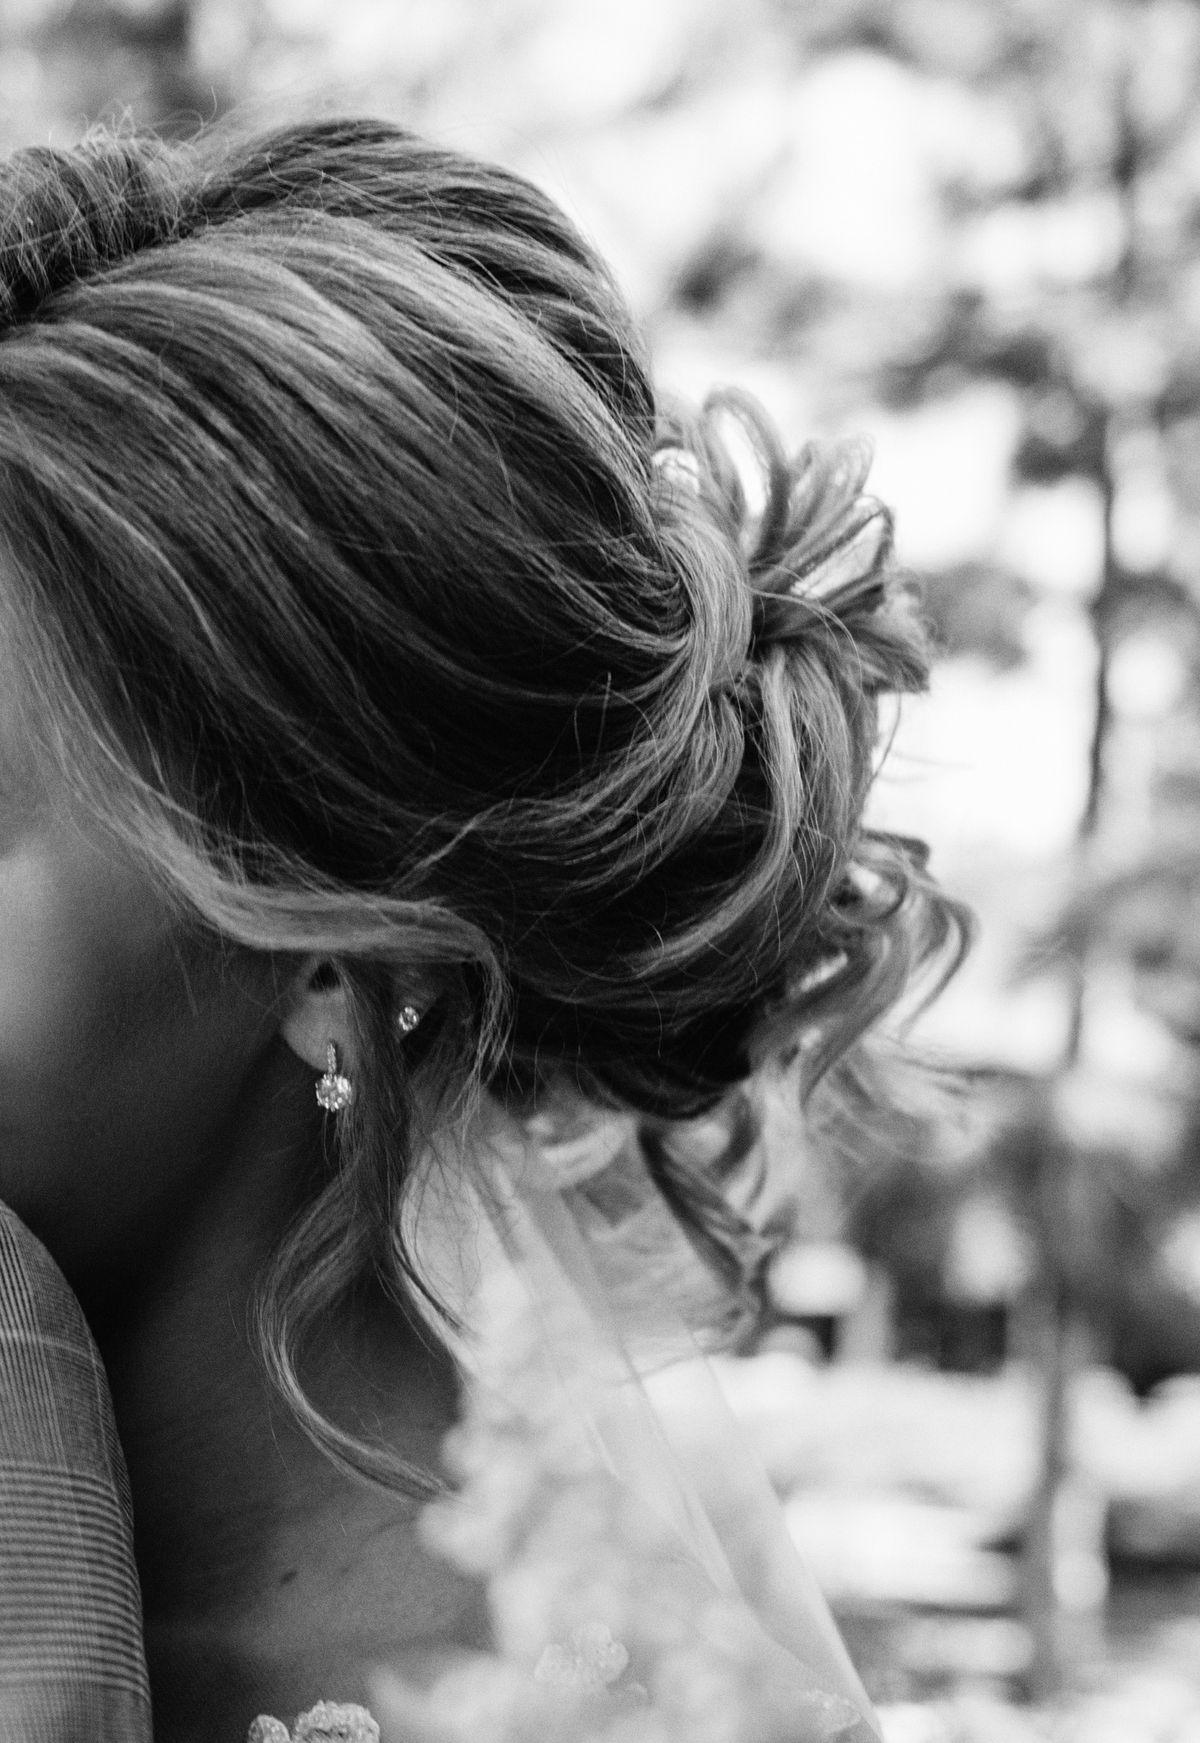 Серьги на свадьбу